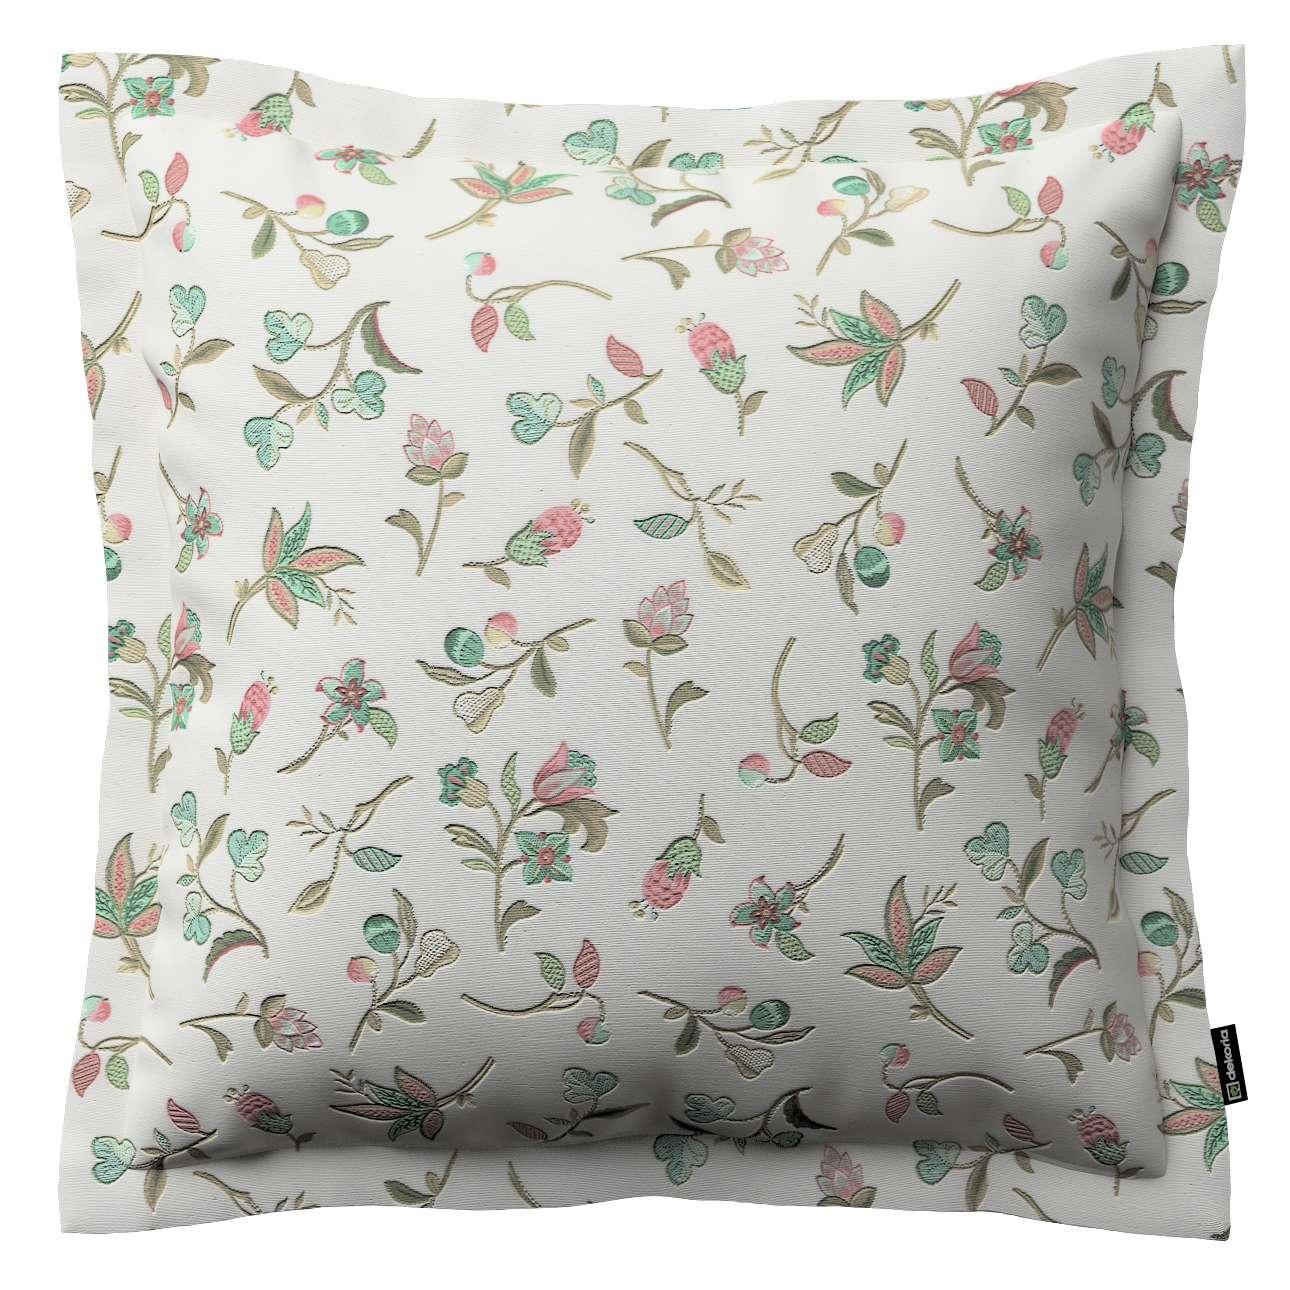 Poszewka Mona na poduszkę 38x38 cm w kolekcji Londres, tkanina: 122-02